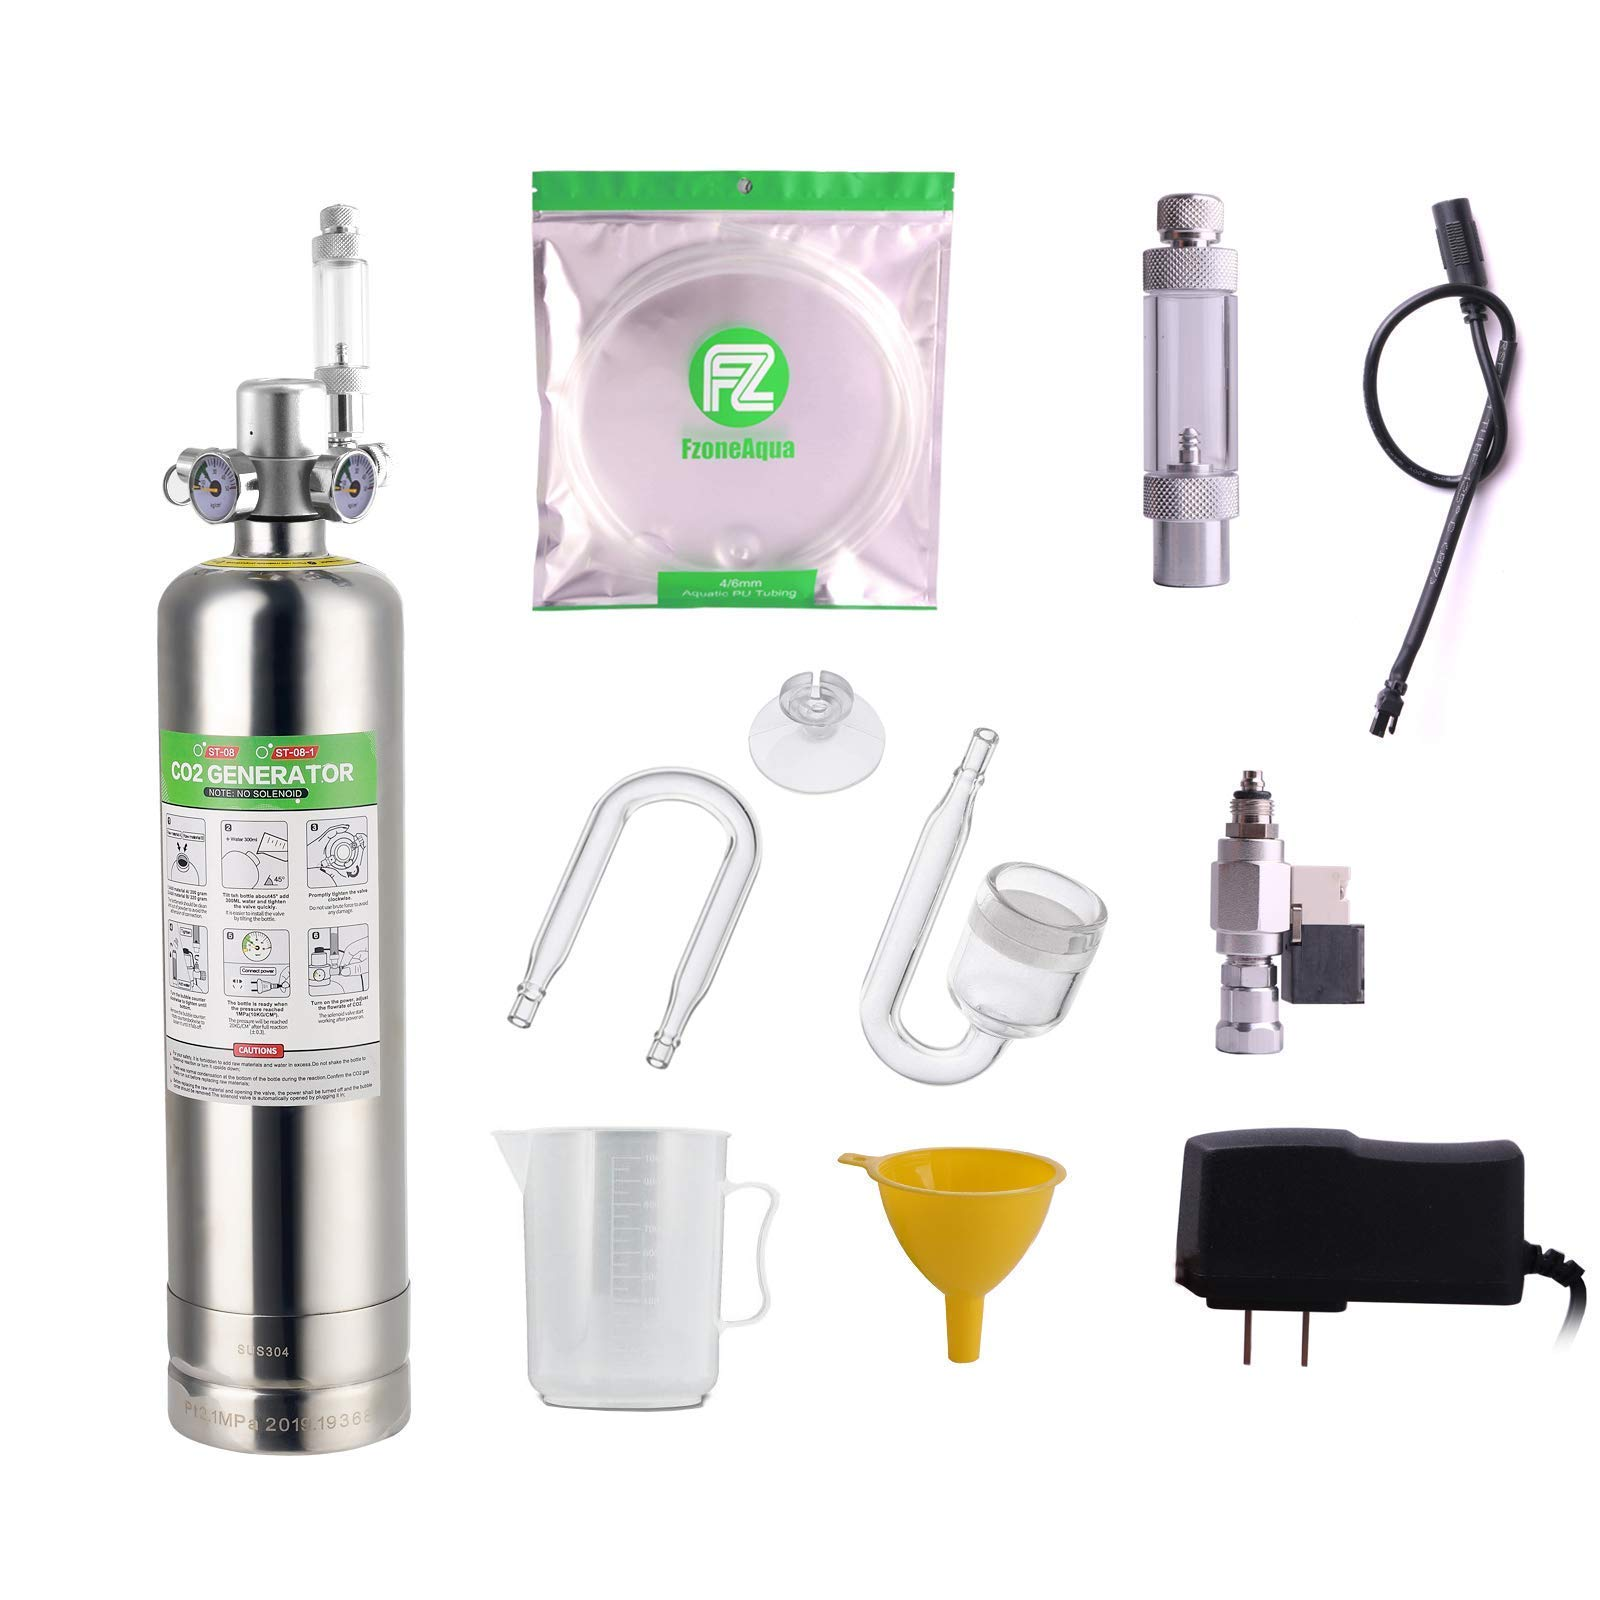 FZONE 2.5L Aquarium CO2 Generator System Carbon Dioxide Reactor Kit with Regulator Mini DC Solenid and Diffuser for Aquarium Plants Tanks